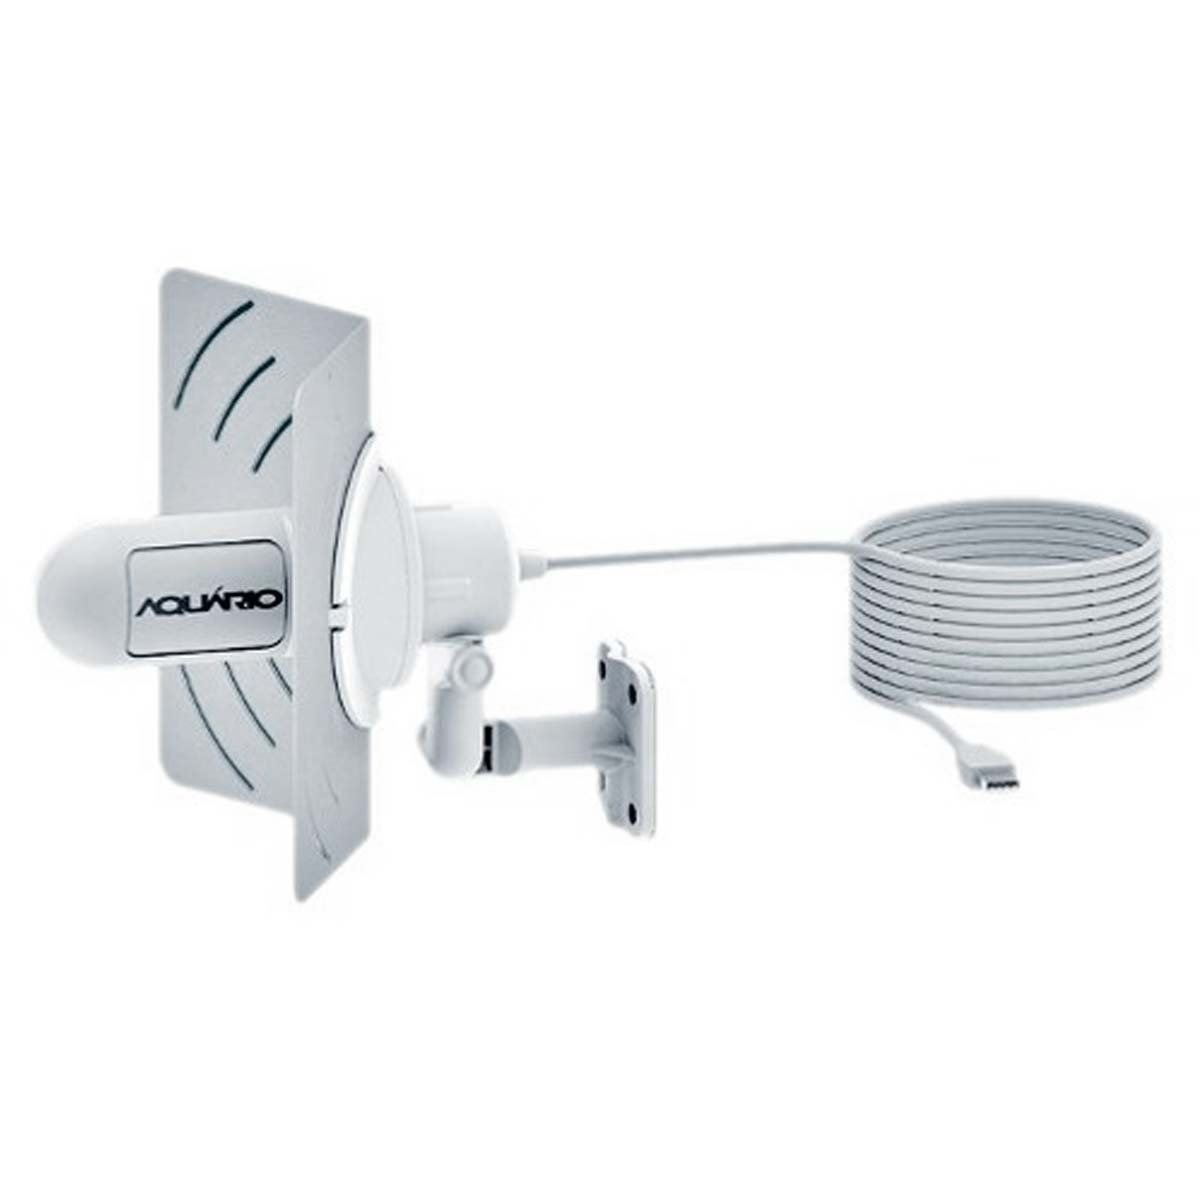 ANTENA AMPLIFICADOR DE SINAL 3G MD-2000